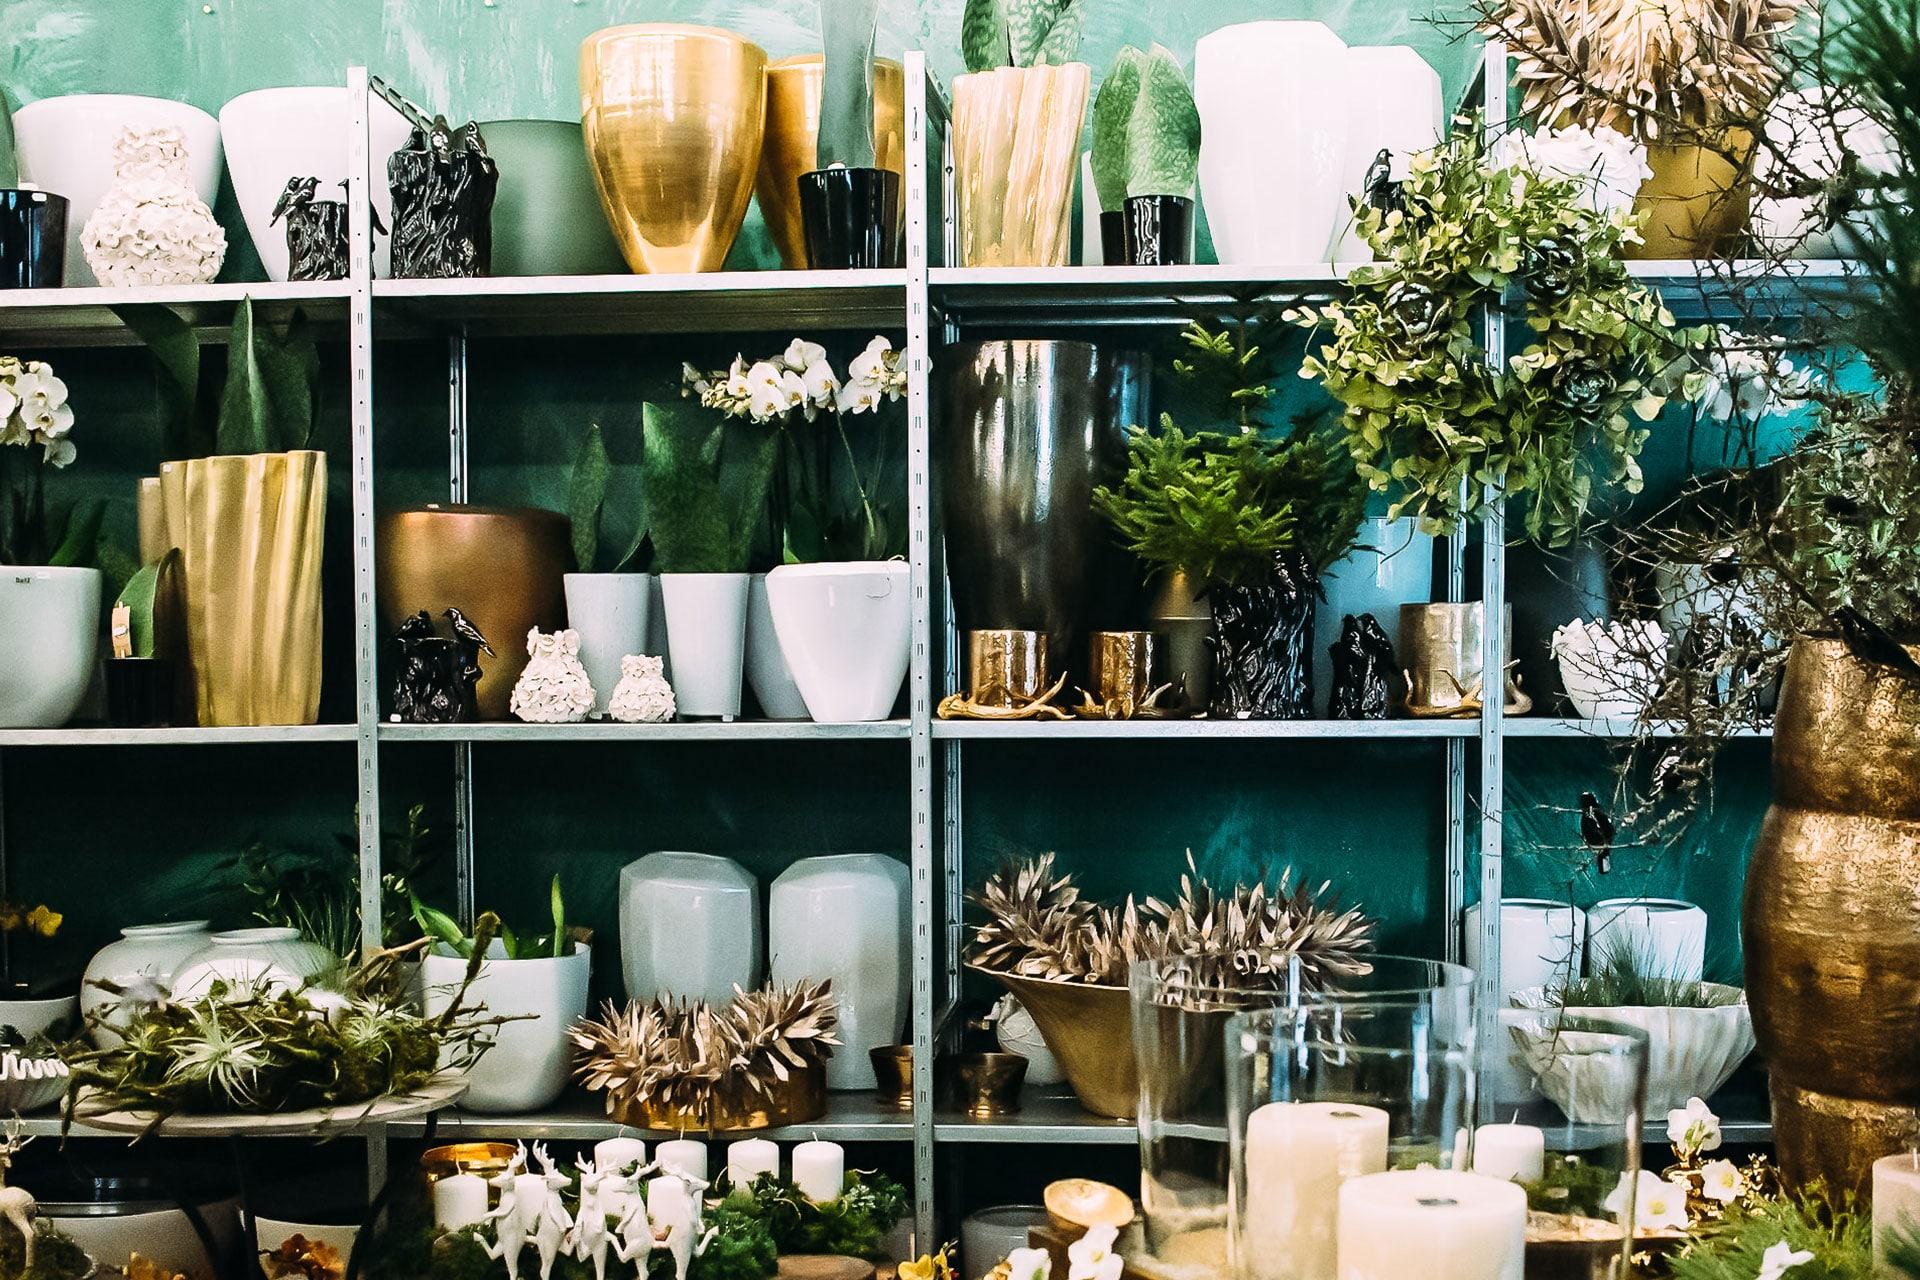 Büropflanzen und Vasen – Innenraumbegrünung